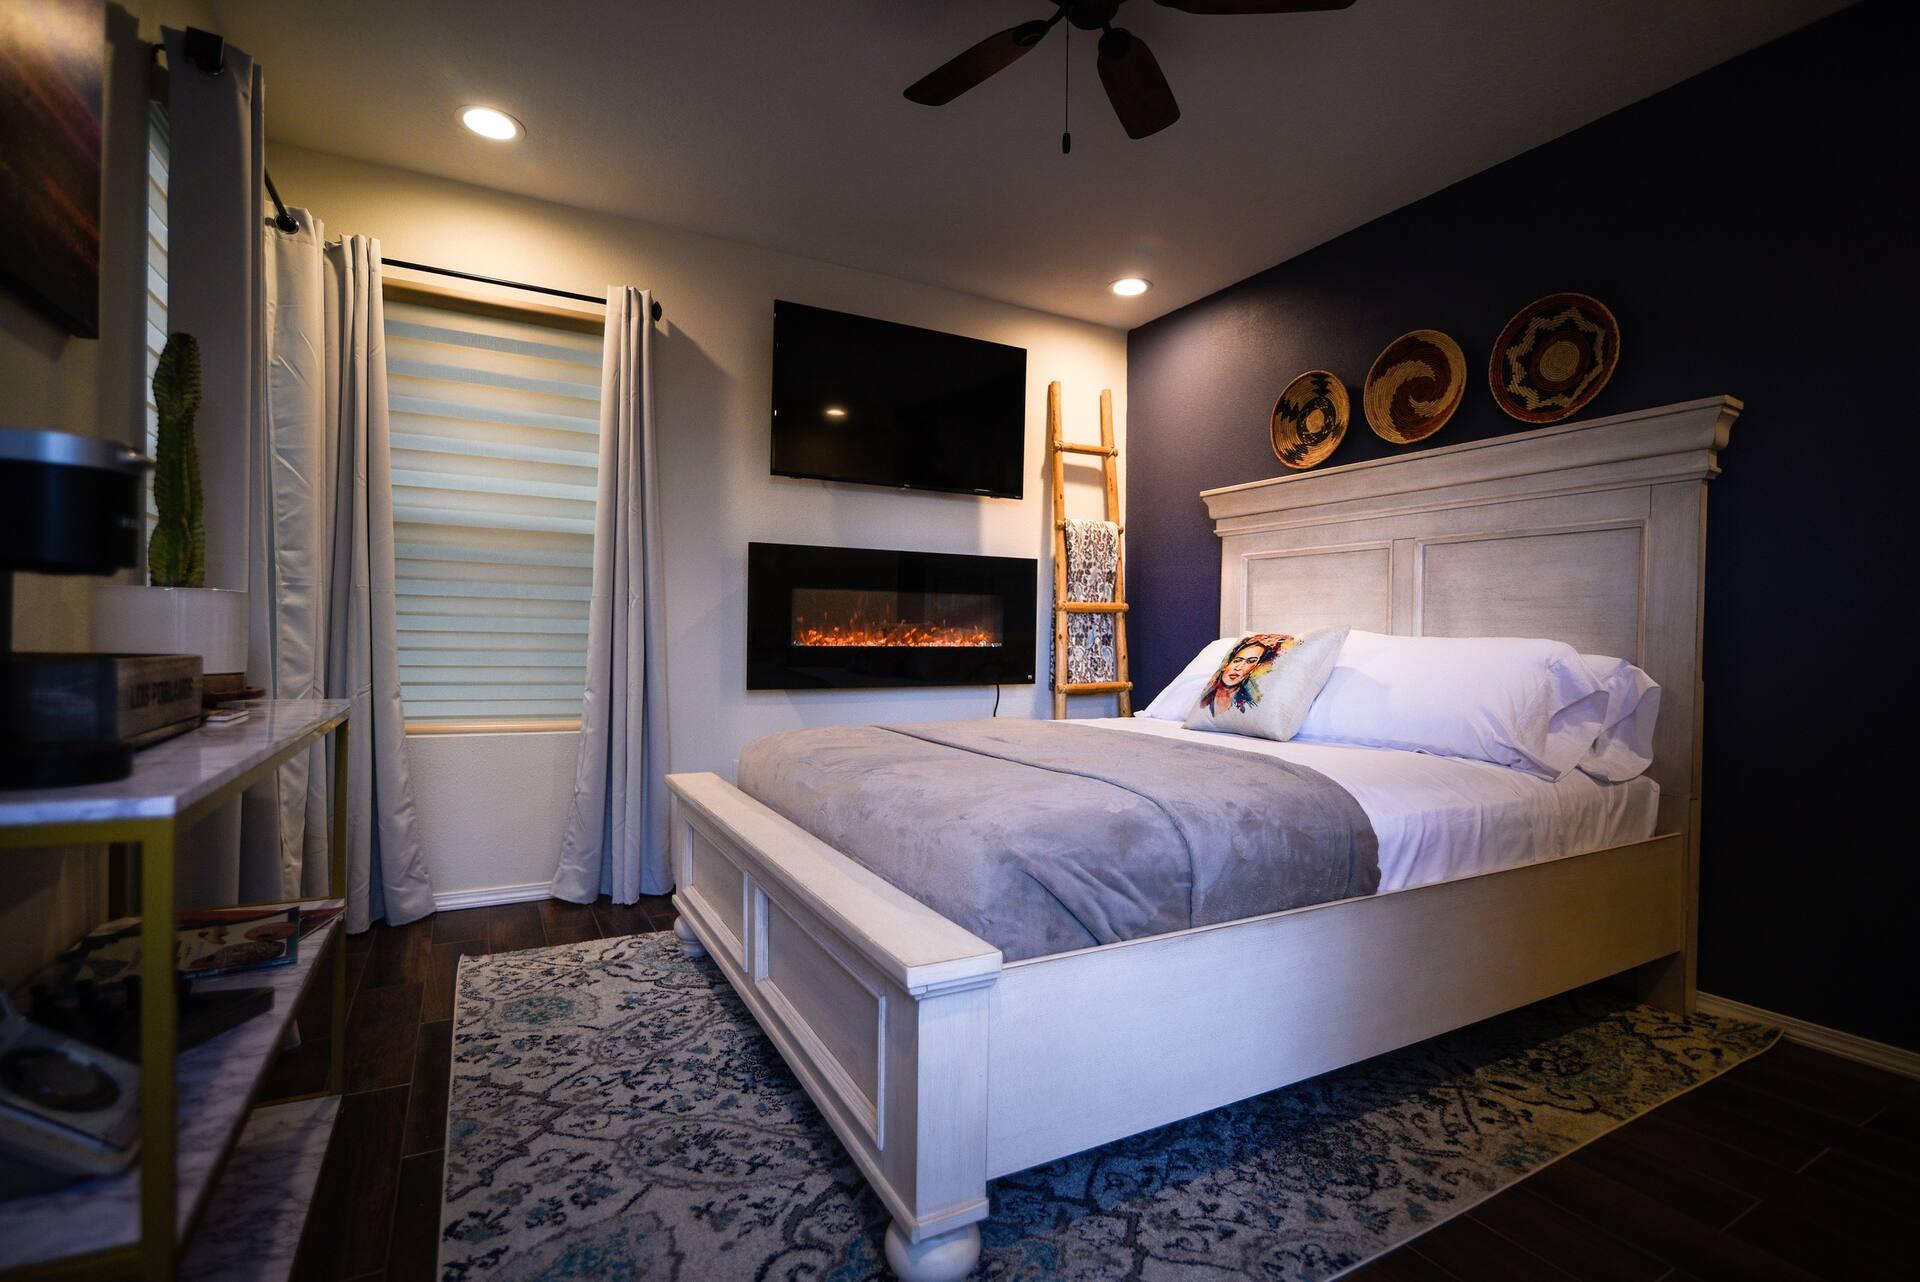 Cheap Albuquerque Airbnb